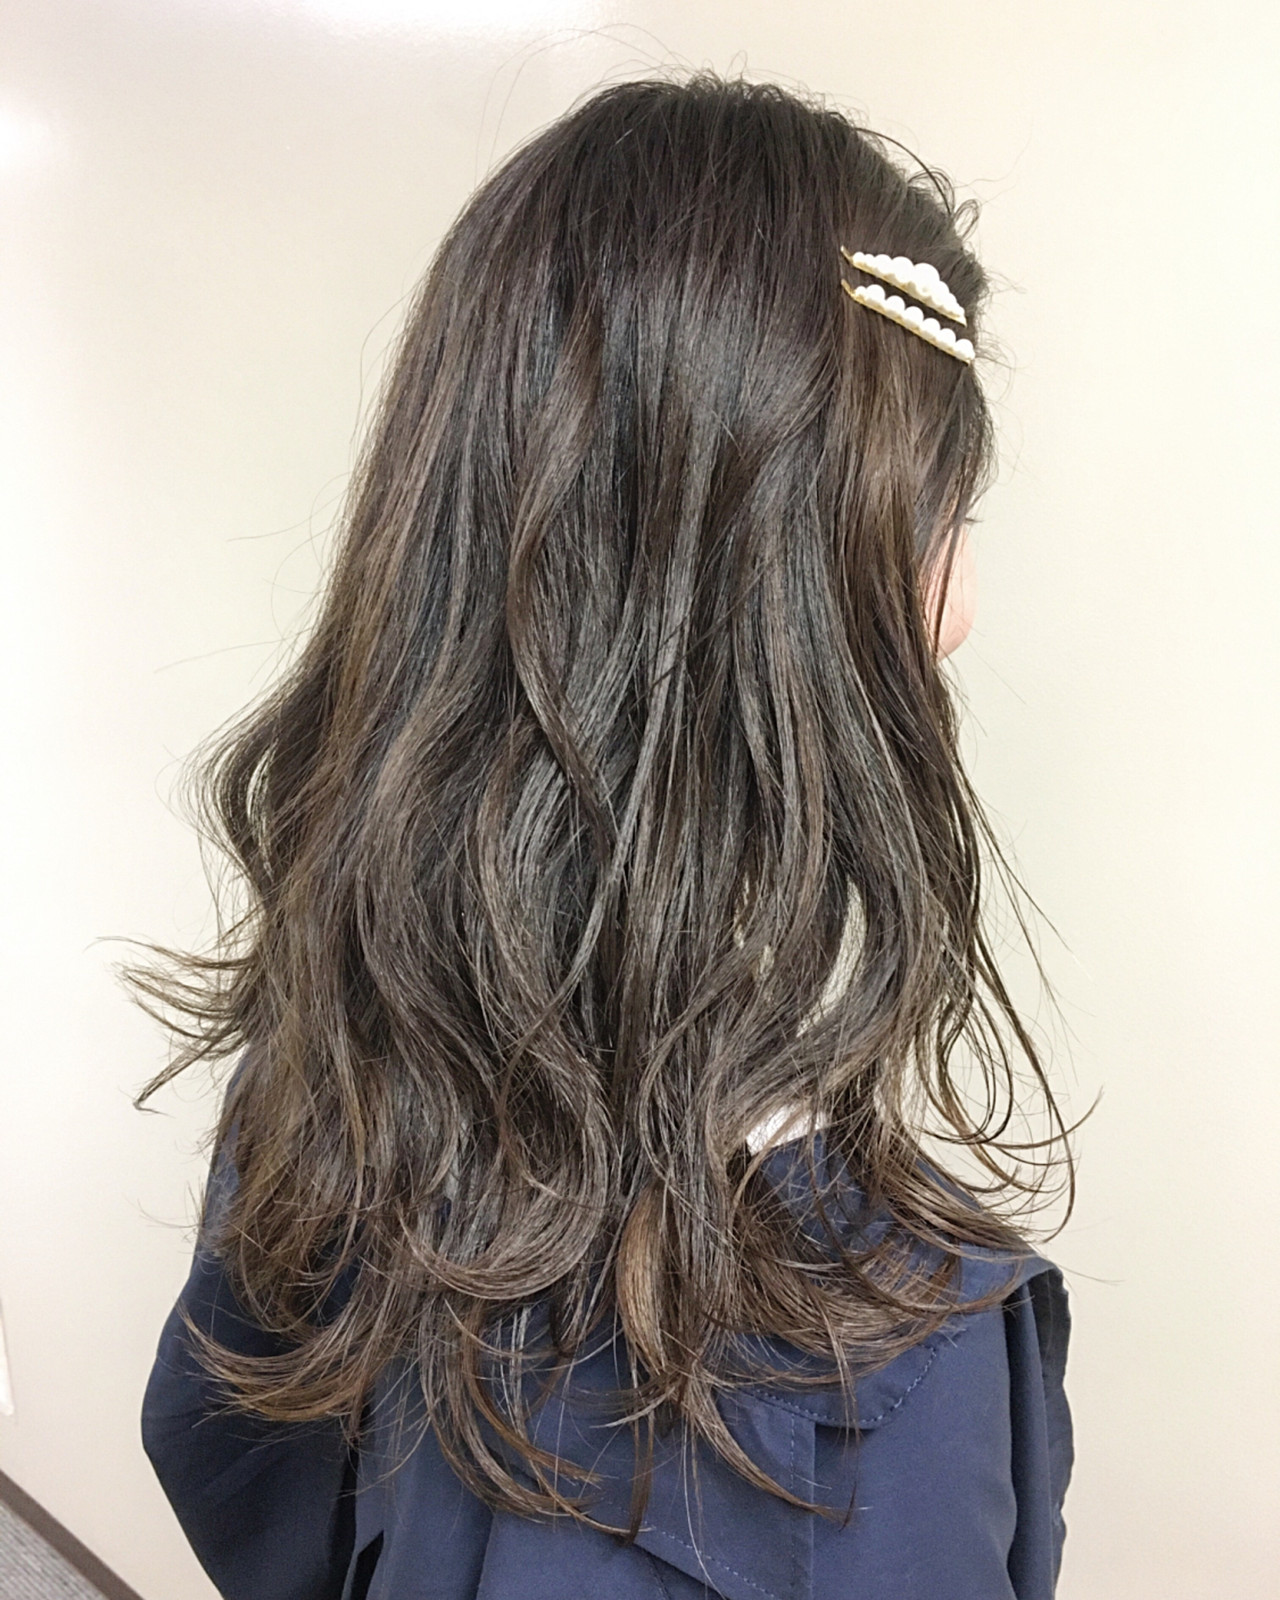 ガーリー ロング デート アッシュベージュ ヘアスタイルや髪型の写真・画像 | 福田直哉 / Dualcarebellus